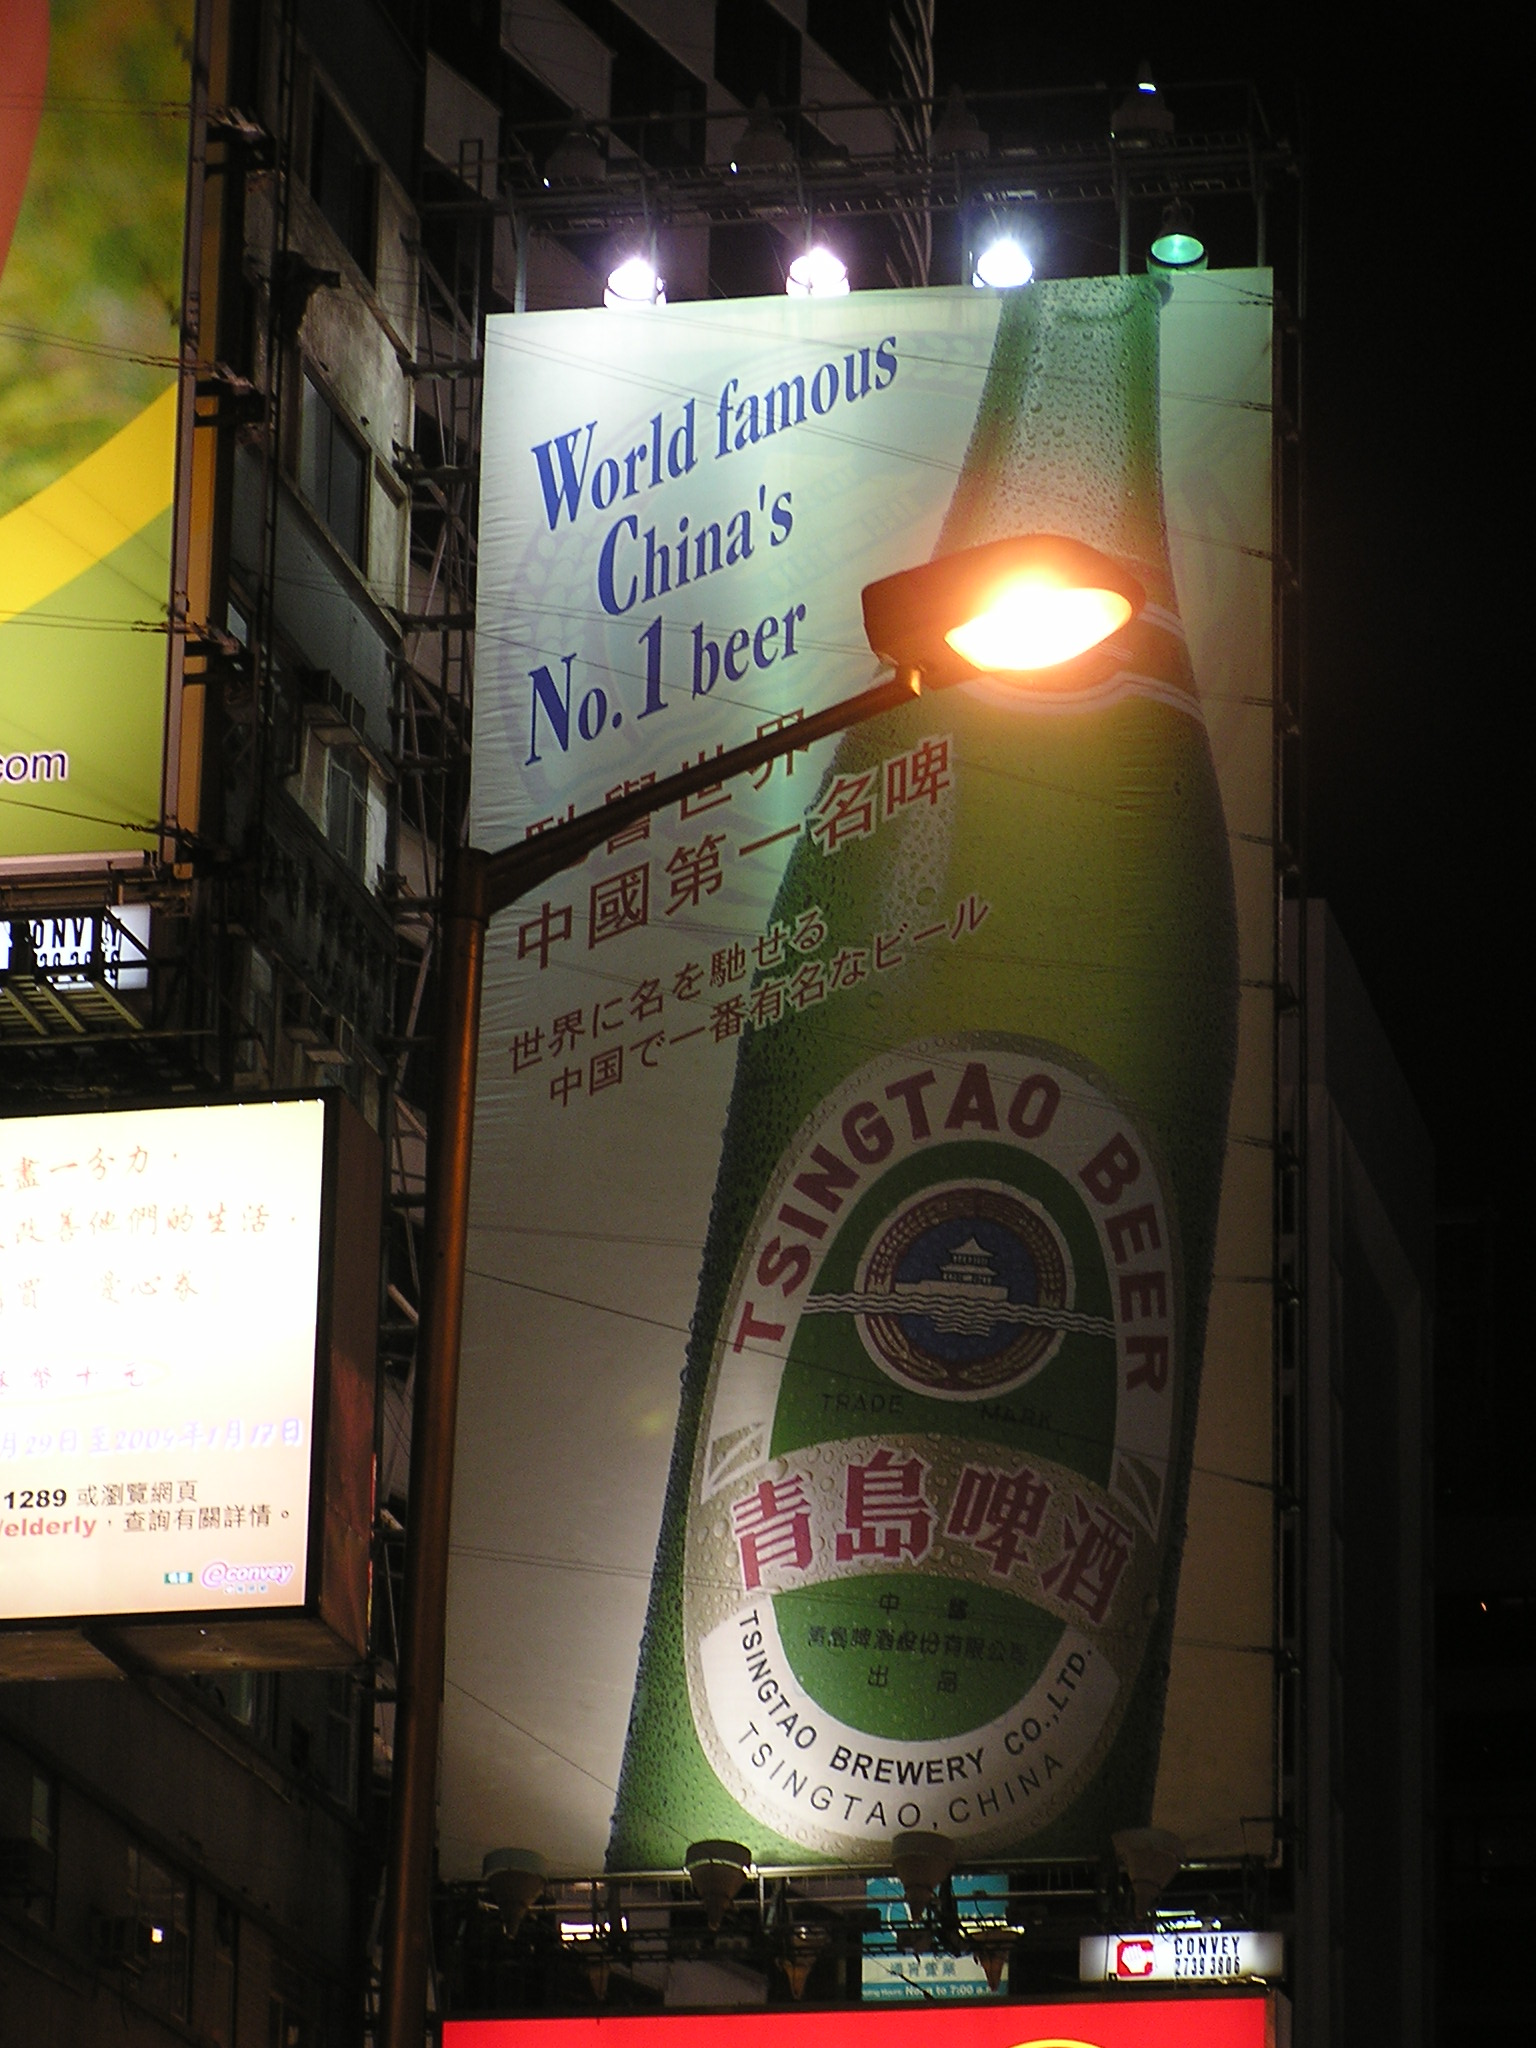 Tsing Tsao - Chinas Famous Beer